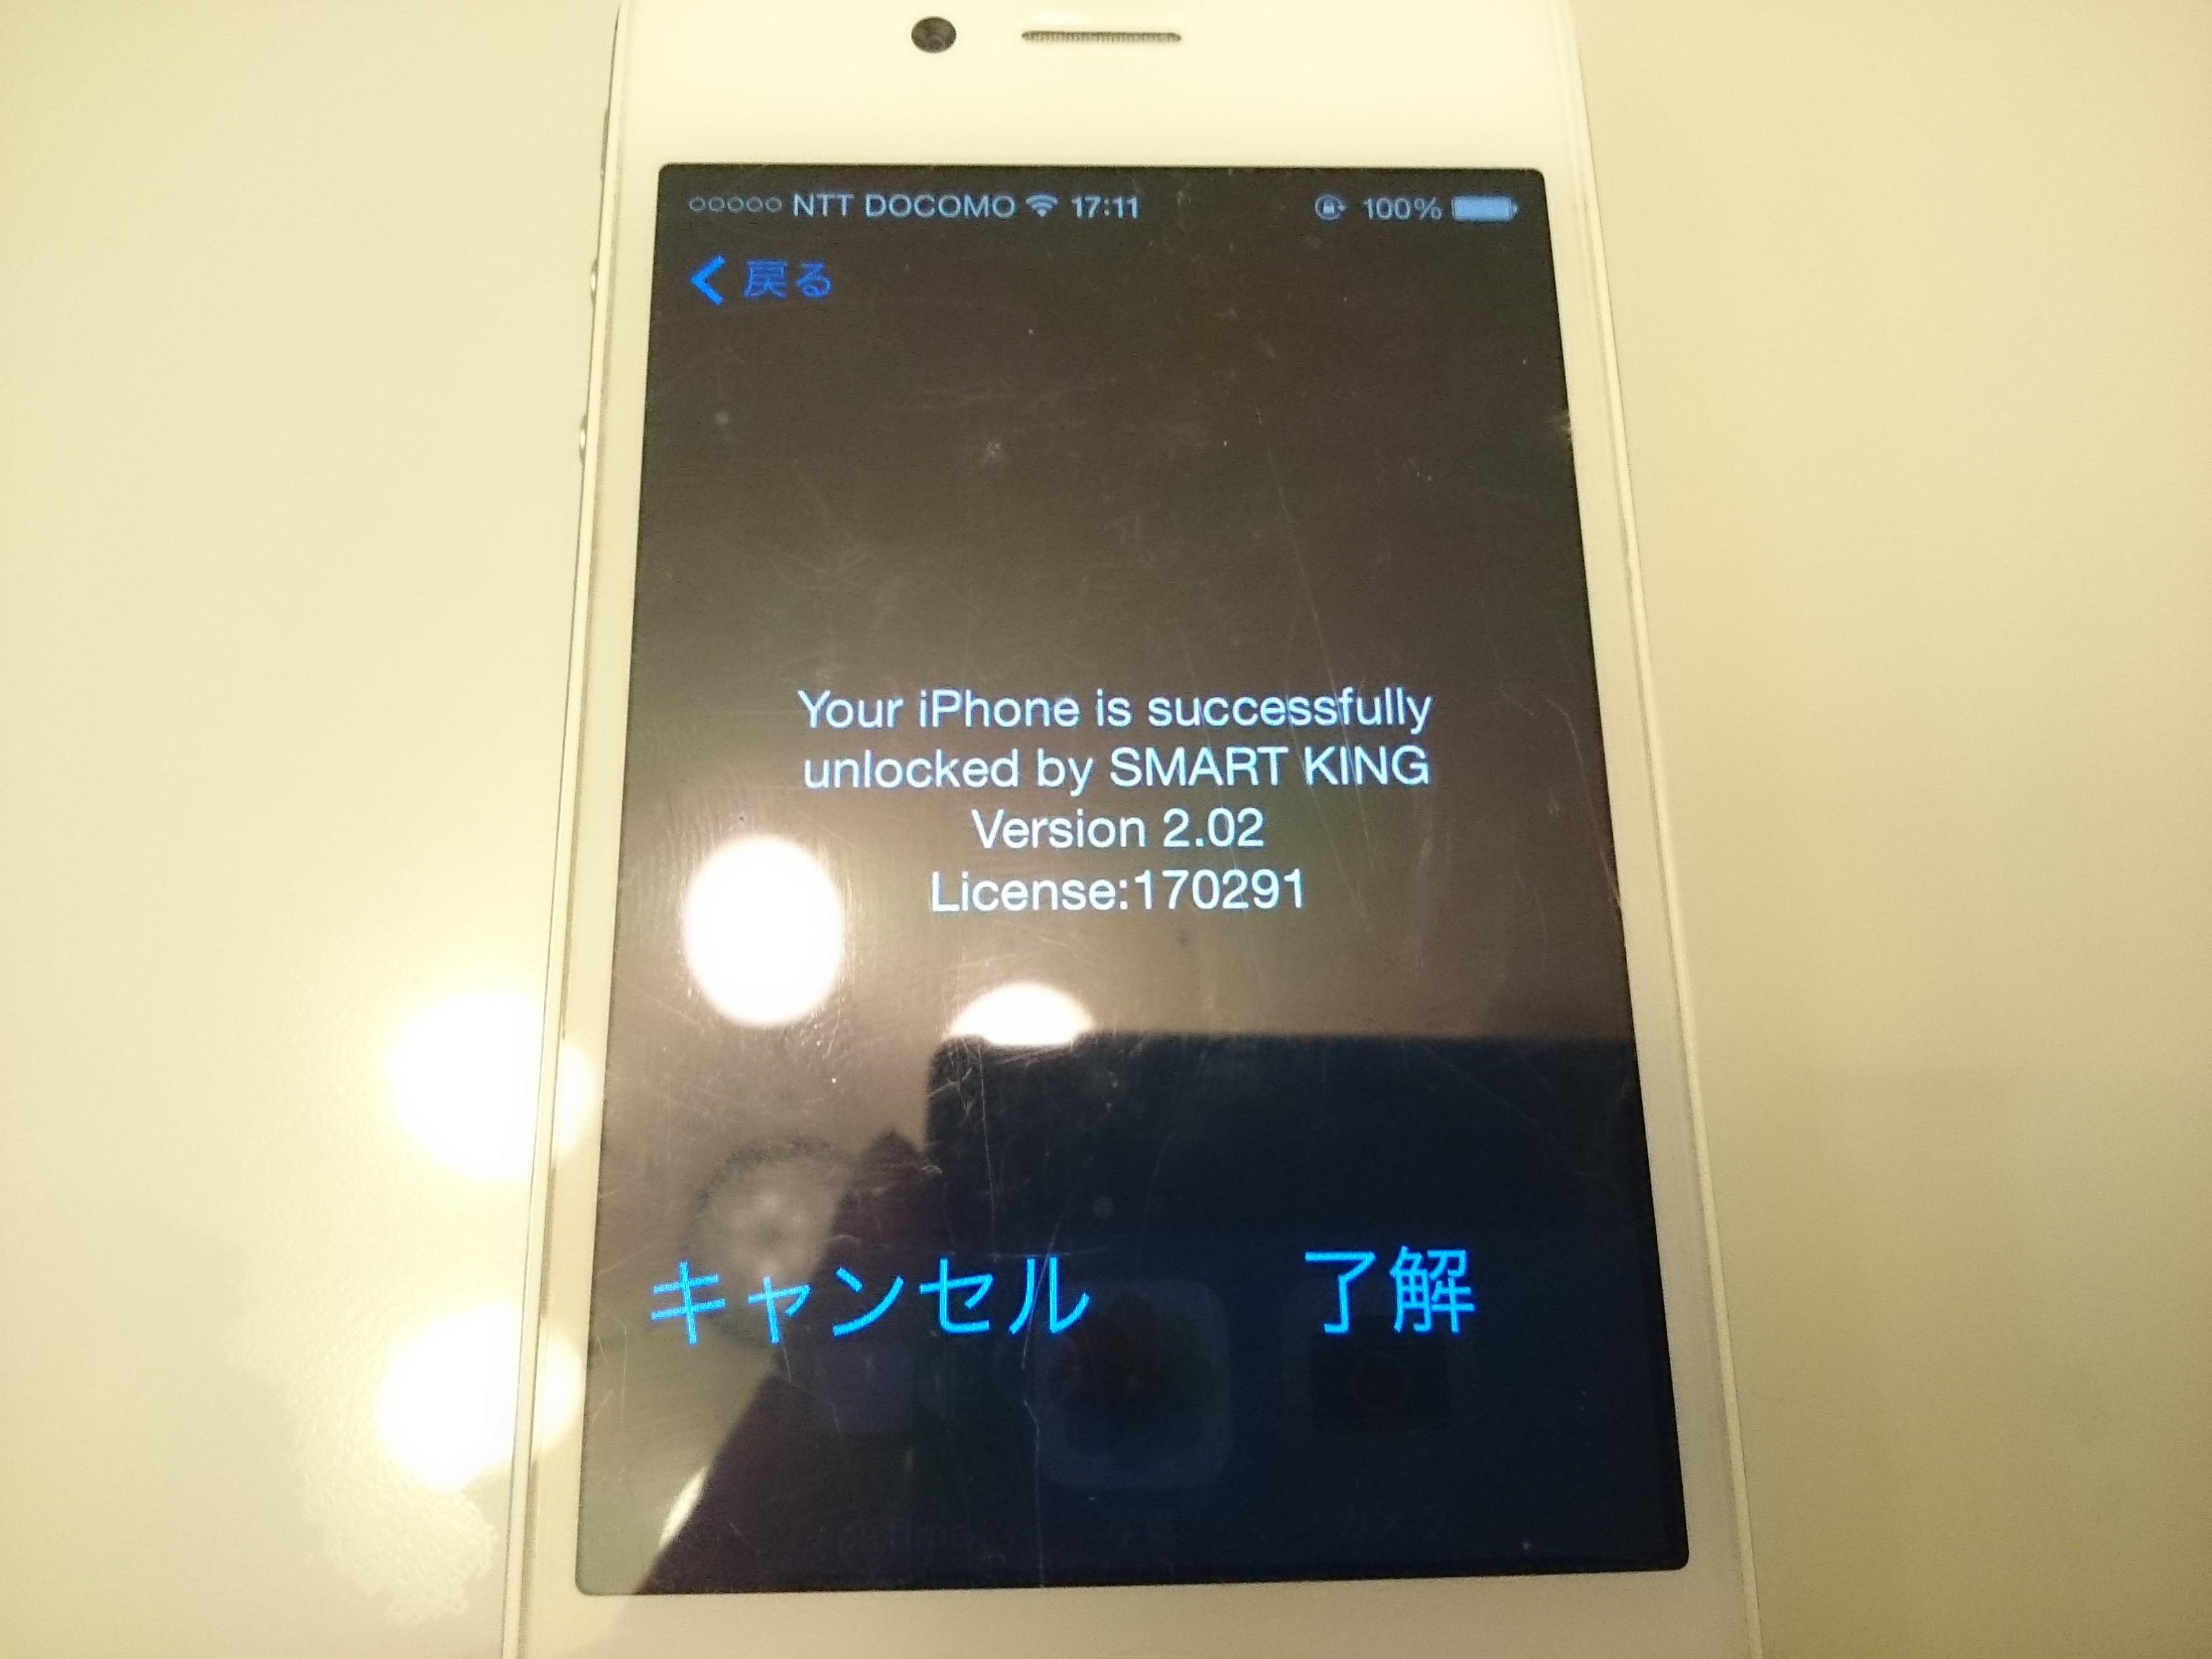 文鎮となっていたソフトバンクのiPhone4Sを格安SIMで復活させたぞ